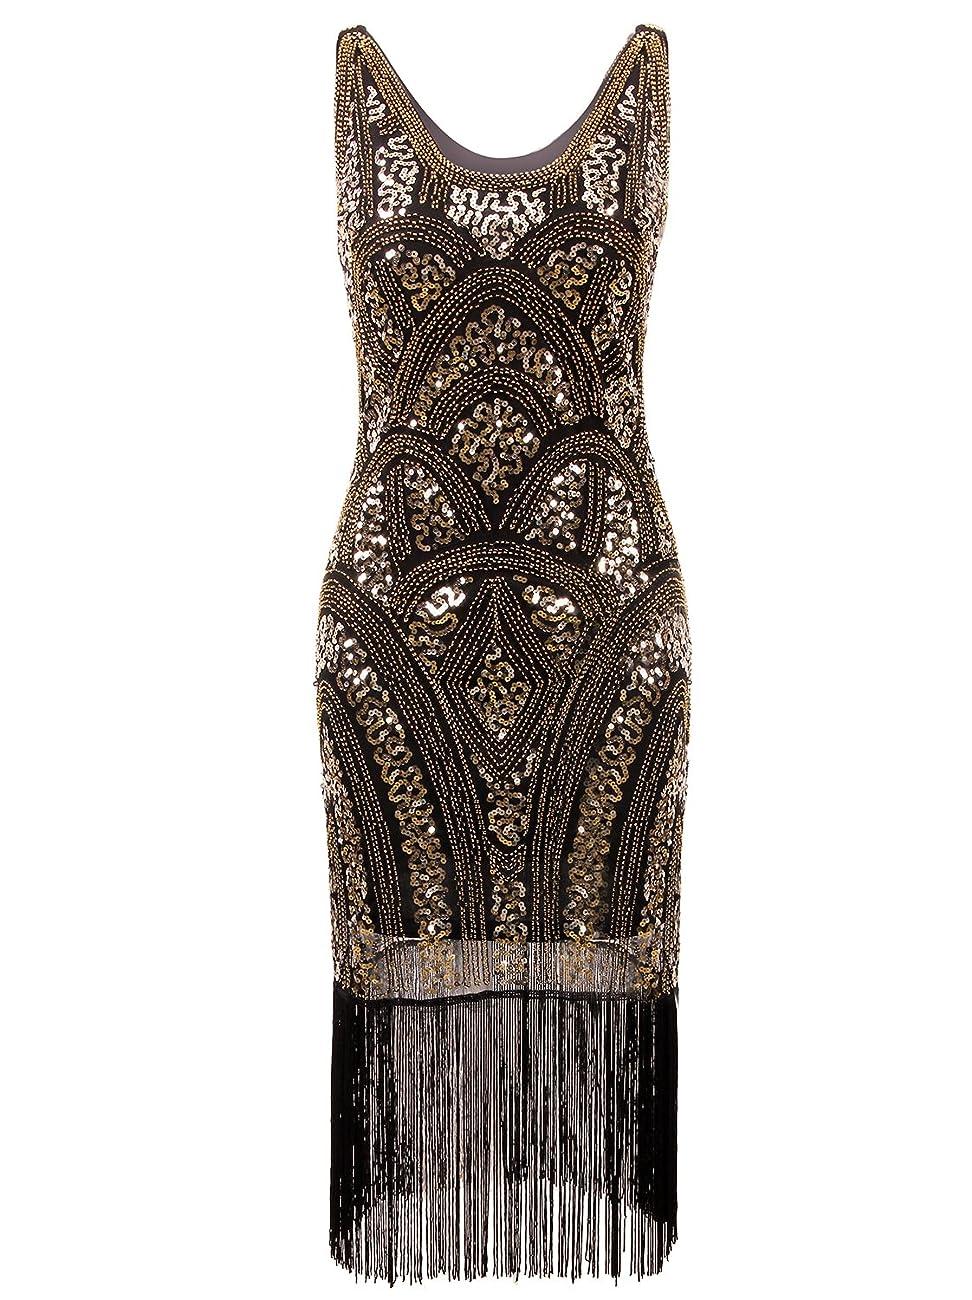 Vijiv 1920s Vintage Inspired Sequin Embellished Fringe Prom Gatsby Flapper Dress 1